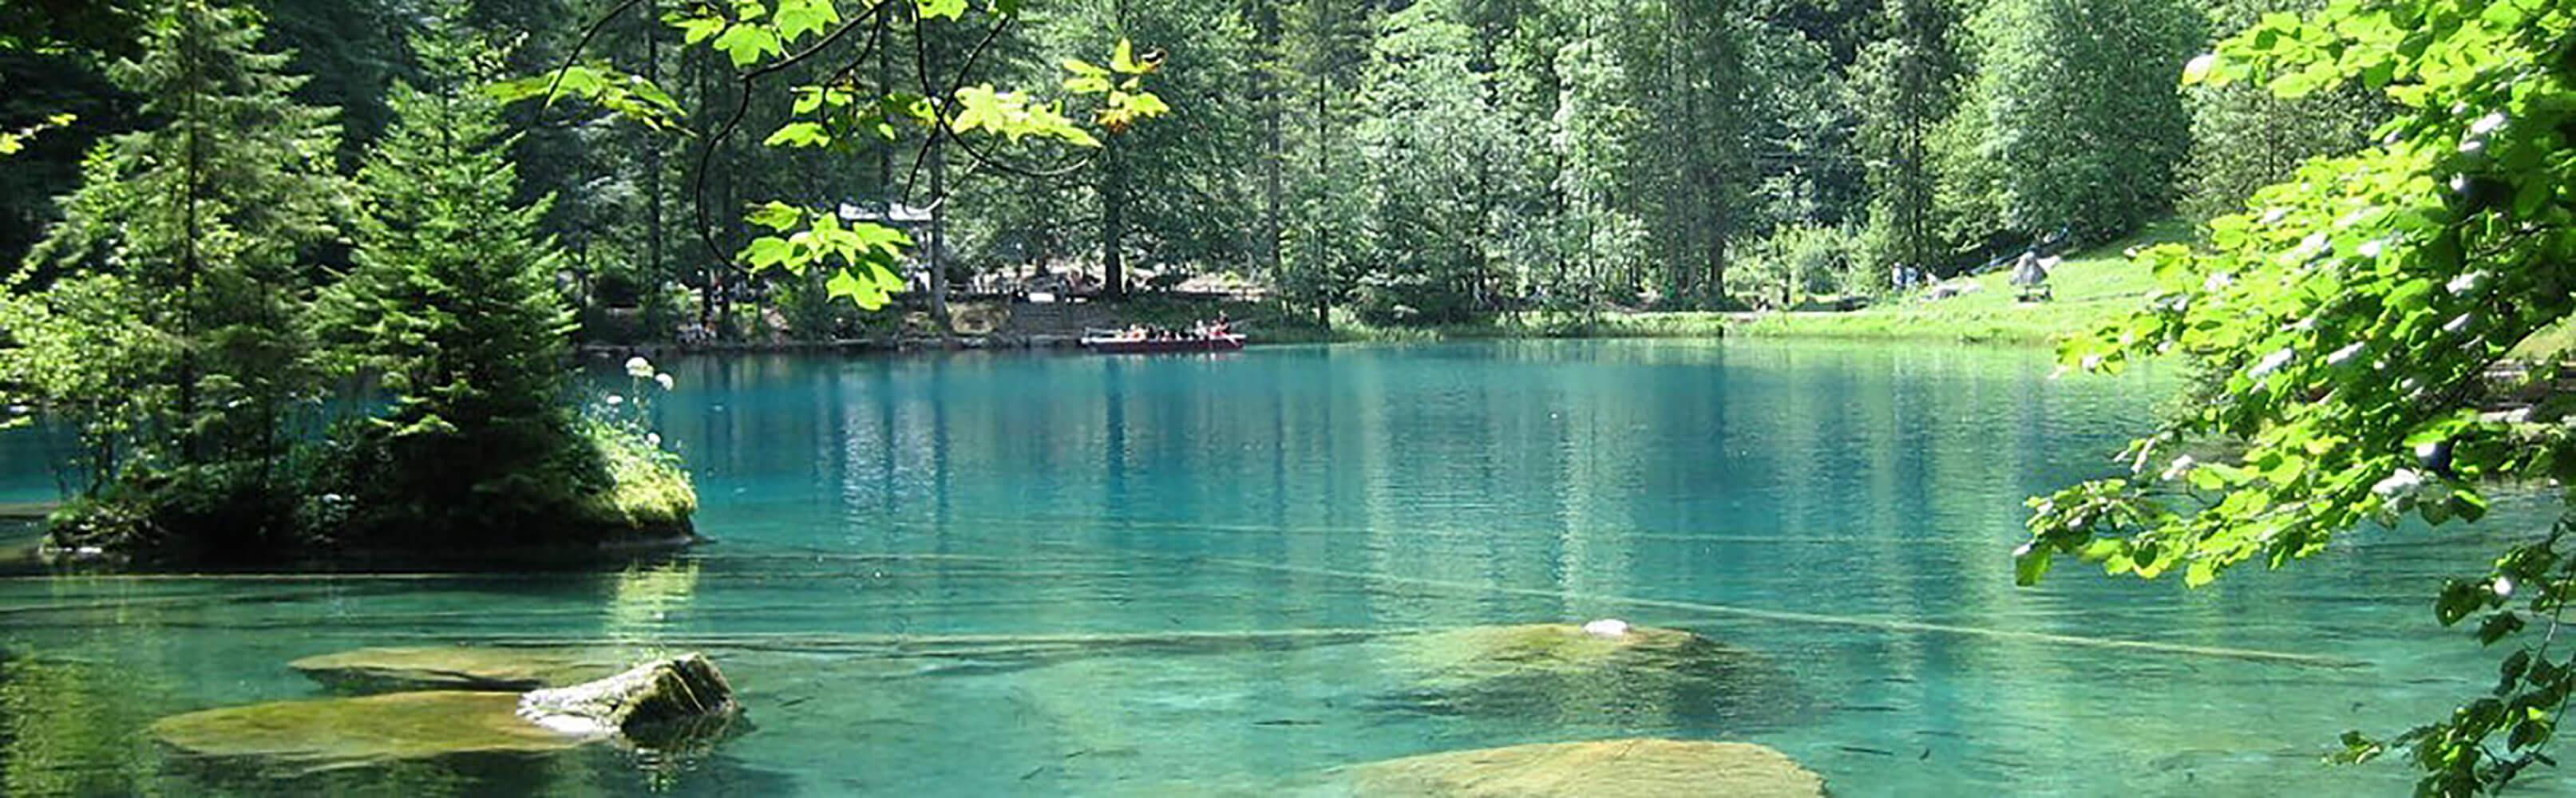 Blausee und Naturpark Blausee 1